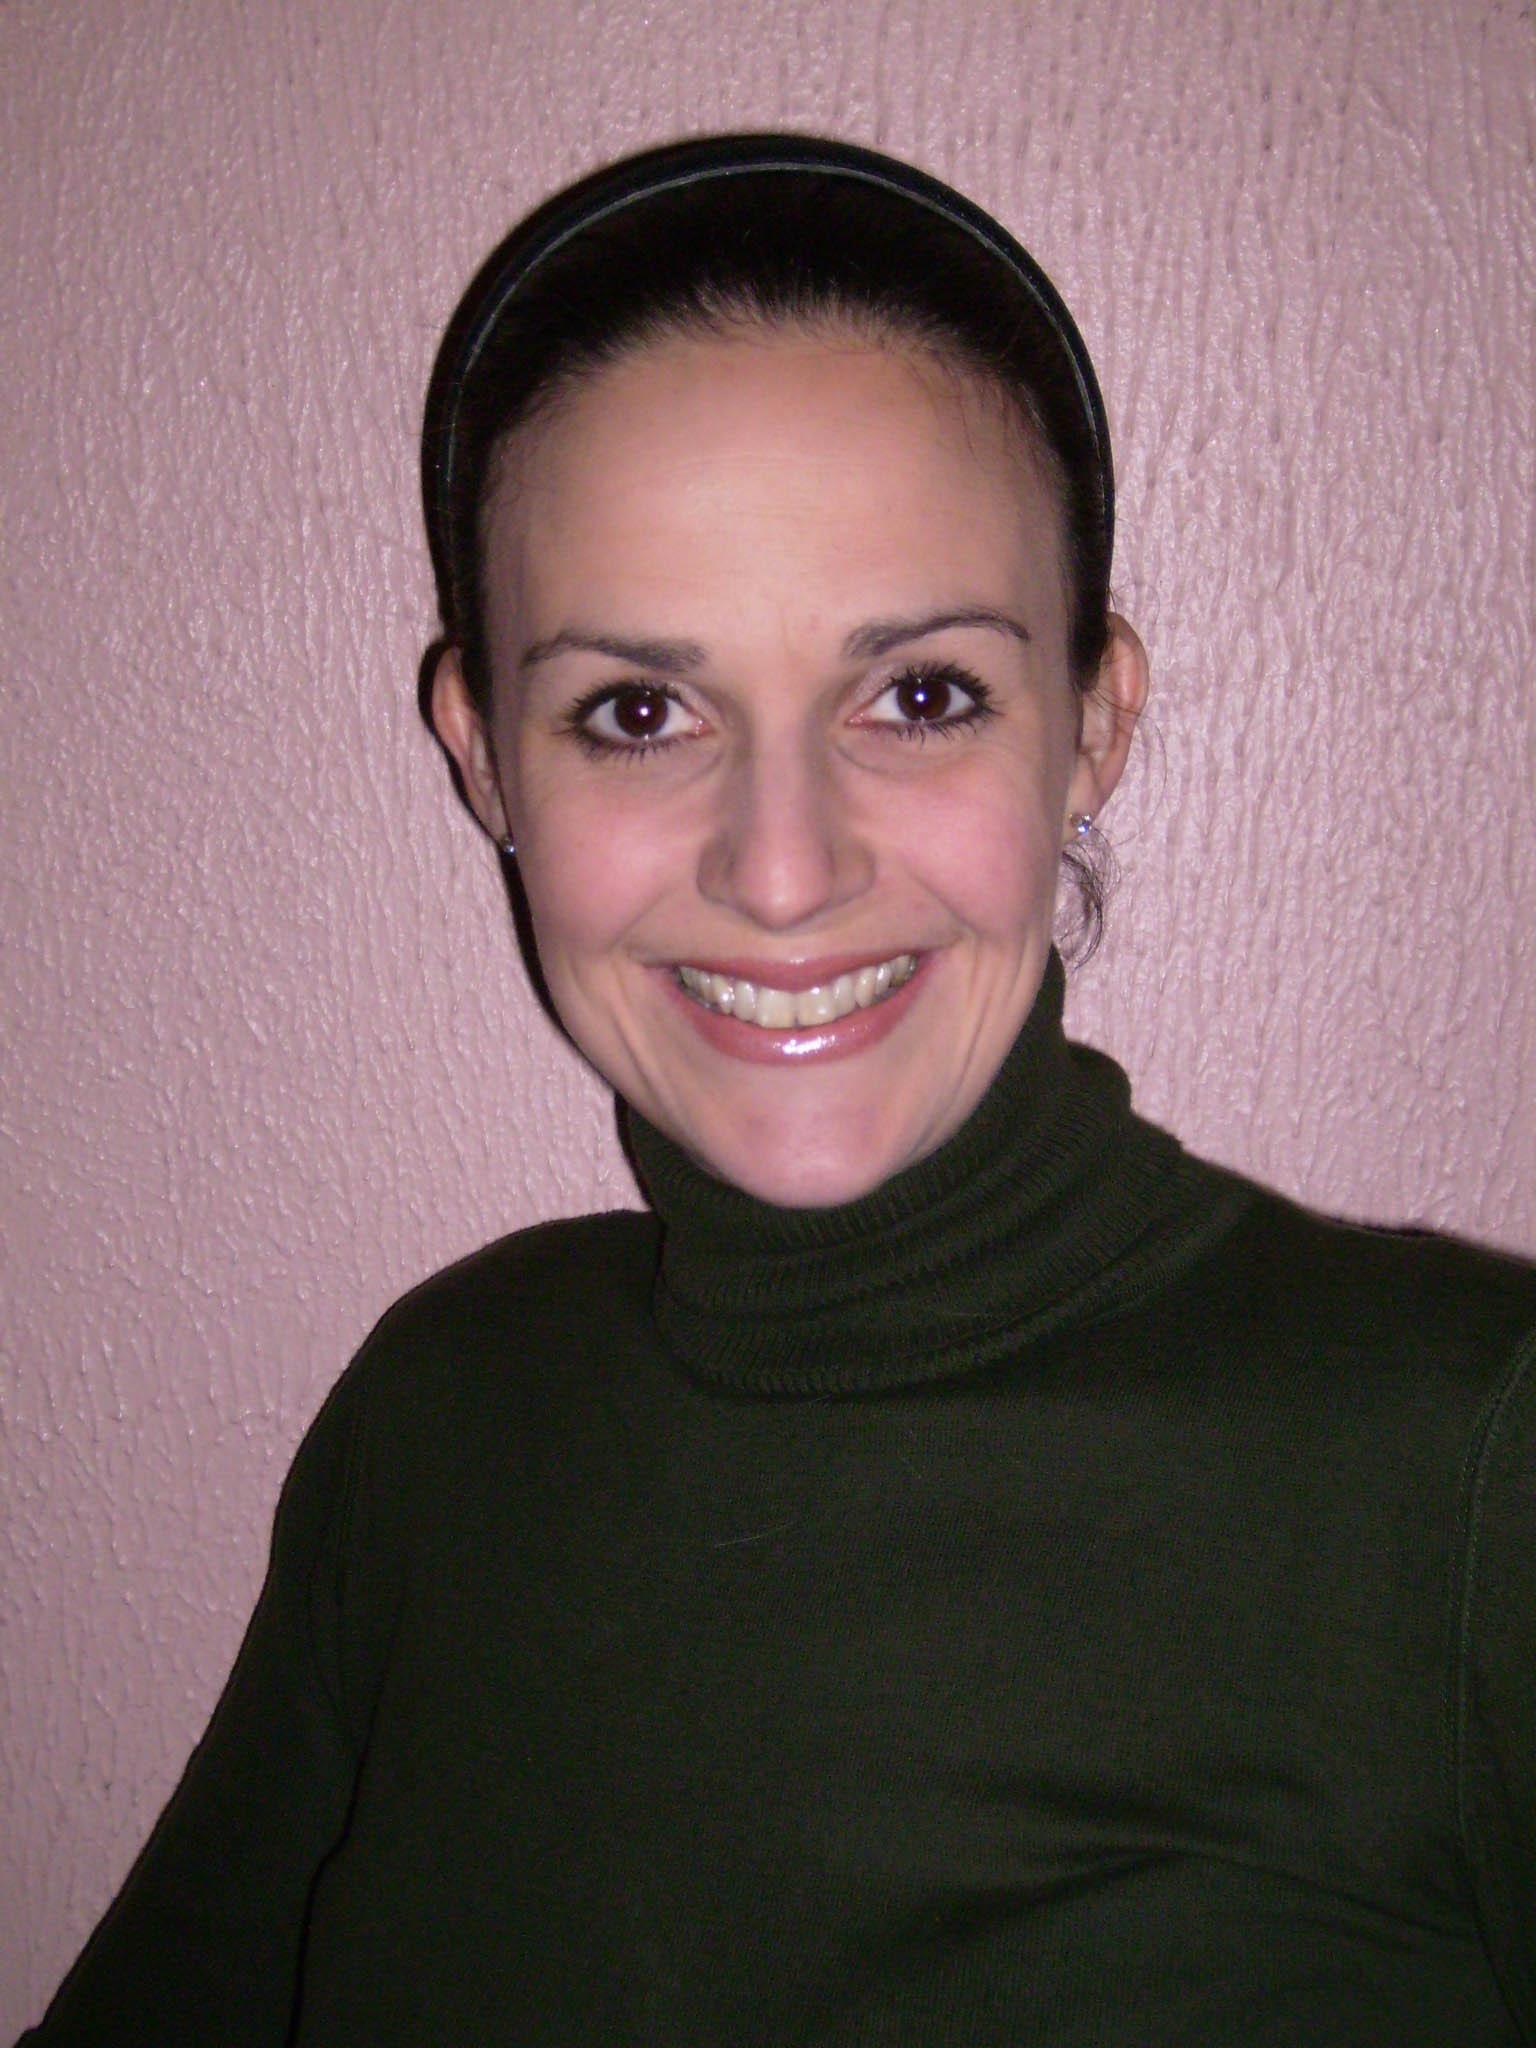 Justine Jarvis